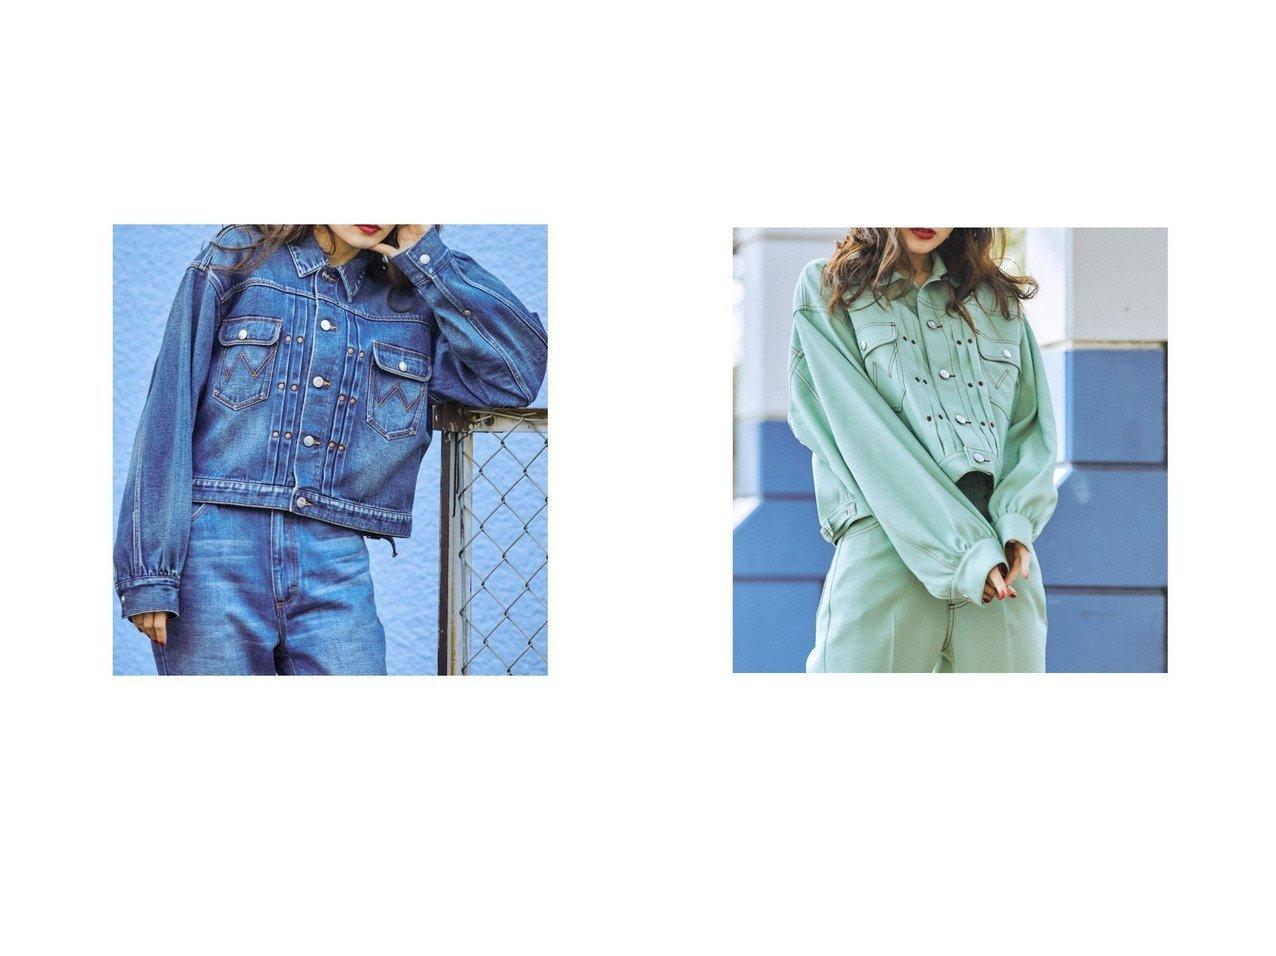 【jouetie/ジュエティ】のjouetie 【セットアップ対応】Wrangler ジャケット おすすめ!人気、トレンド・レディースファッションの通販 おすすめで人気の流行・トレンド、ファッションの通販商品 インテリア・家具・メンズファッション・キッズファッション・レディースファッション・服の通販 founy(ファニー) https://founy.com/ ファッション Fashion レディースファッション WOMEN アウター Coat Outerwear ジャケット Jackets 春 Spring コンパクト ジャケット ジーンズ ストレッチ セットアップ ツイル デニム ボトム 2021年 2021 S/S・春夏 SS・Spring/Summer 2021春夏・S/S SS/Spring/Summer/2021 おすすめ Recommend |ID:crp329100000042313